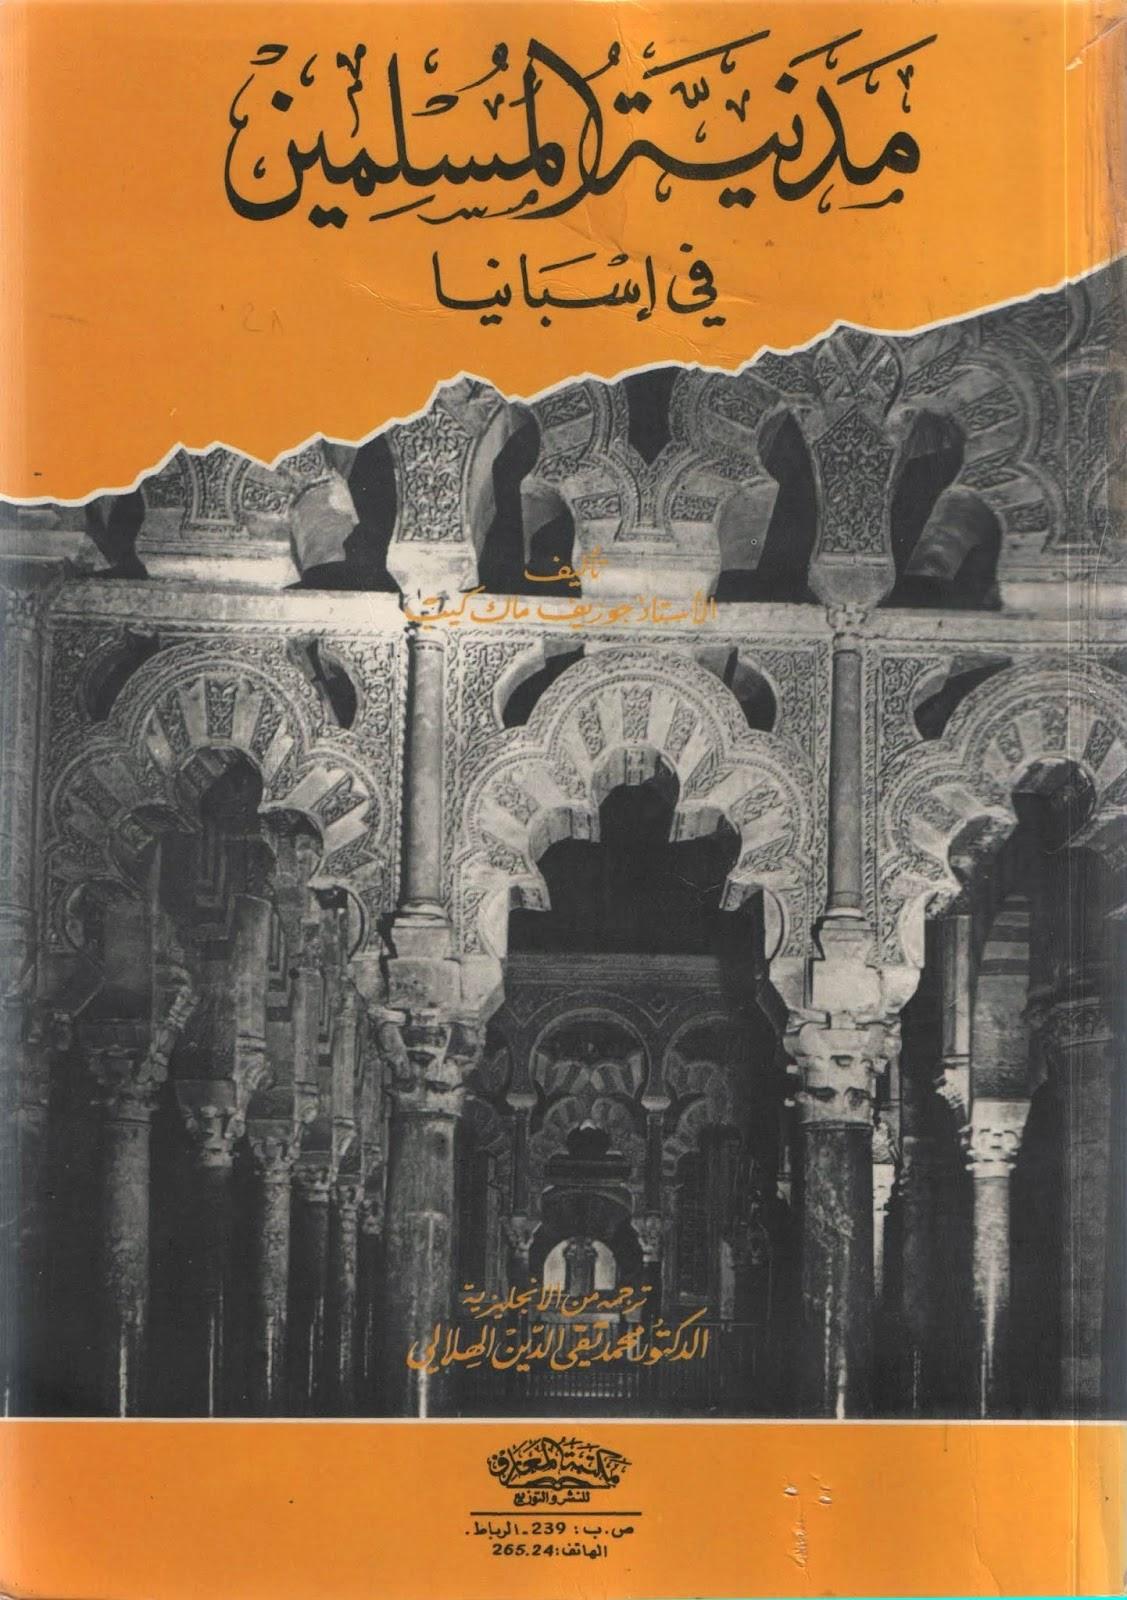 كتاب مدنية المسلمين في إسبانيا لـ جوزيف ماك كيب